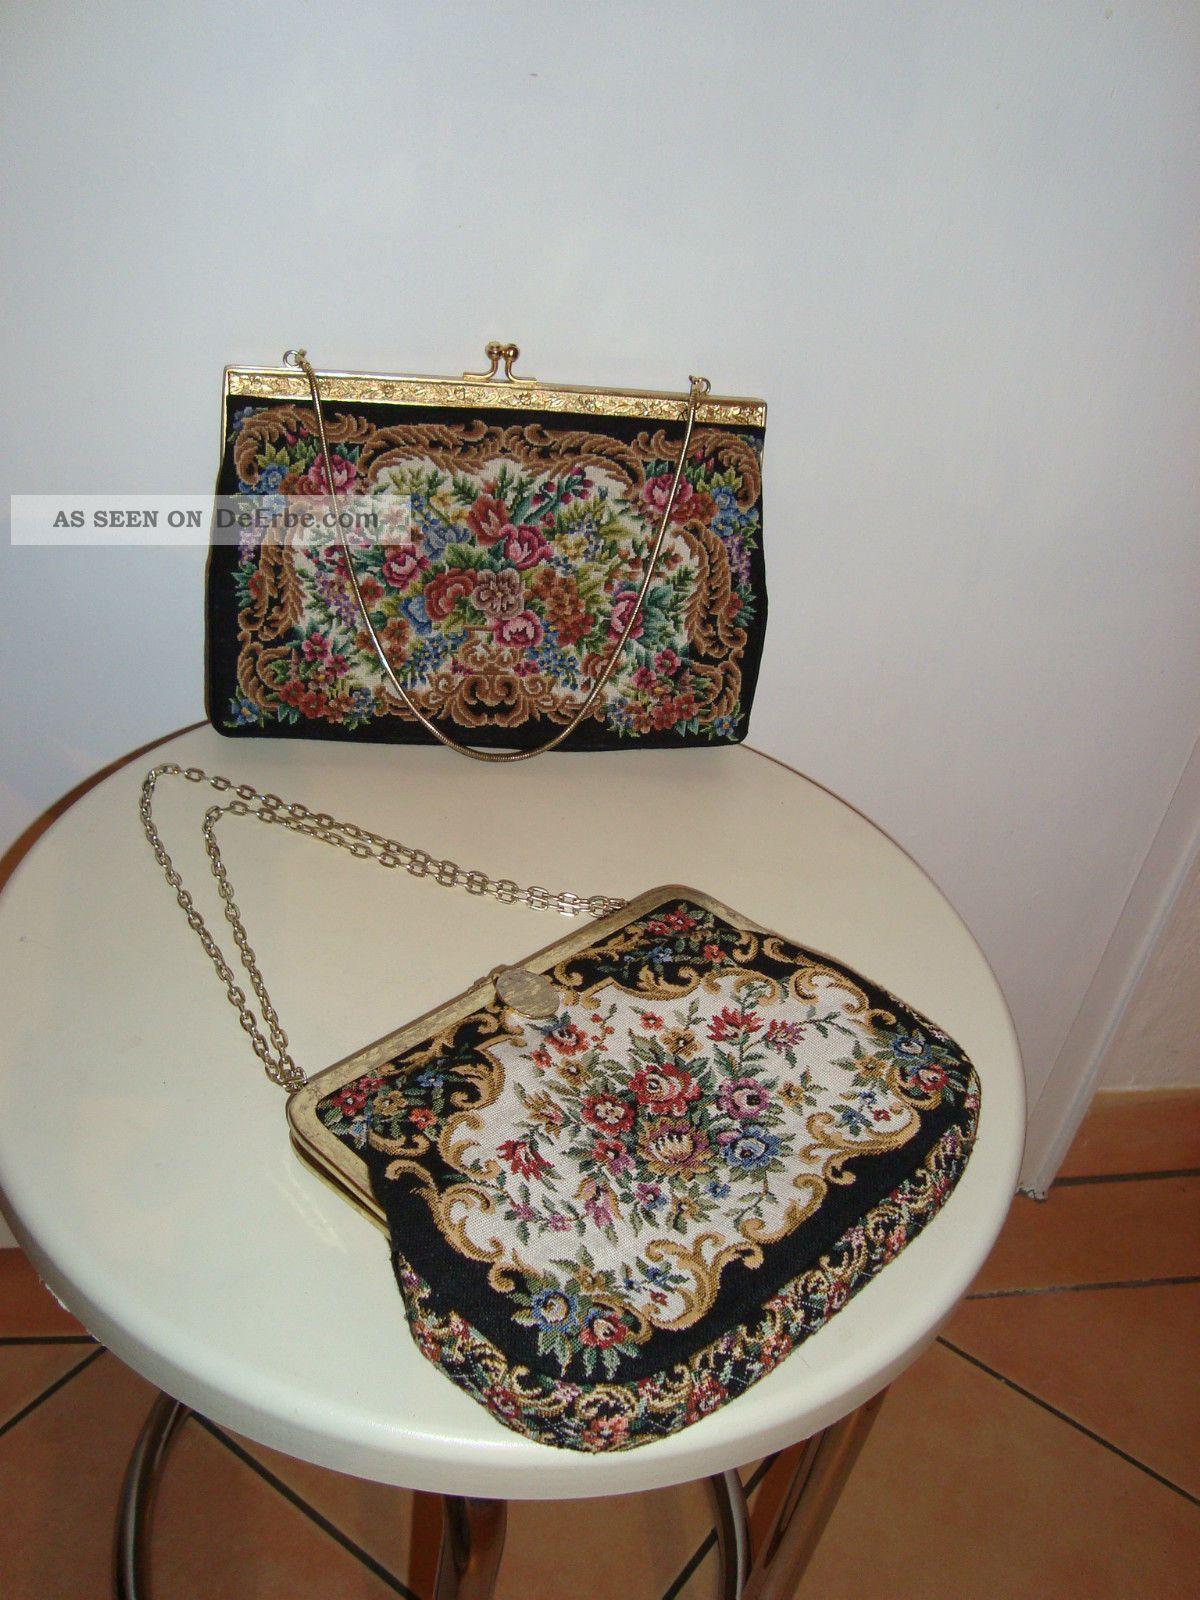 2 X Alte Gobelin Handtasche Mit Schönen Blumenmotiven Blumen Tasche Vintage Accessoires Bild